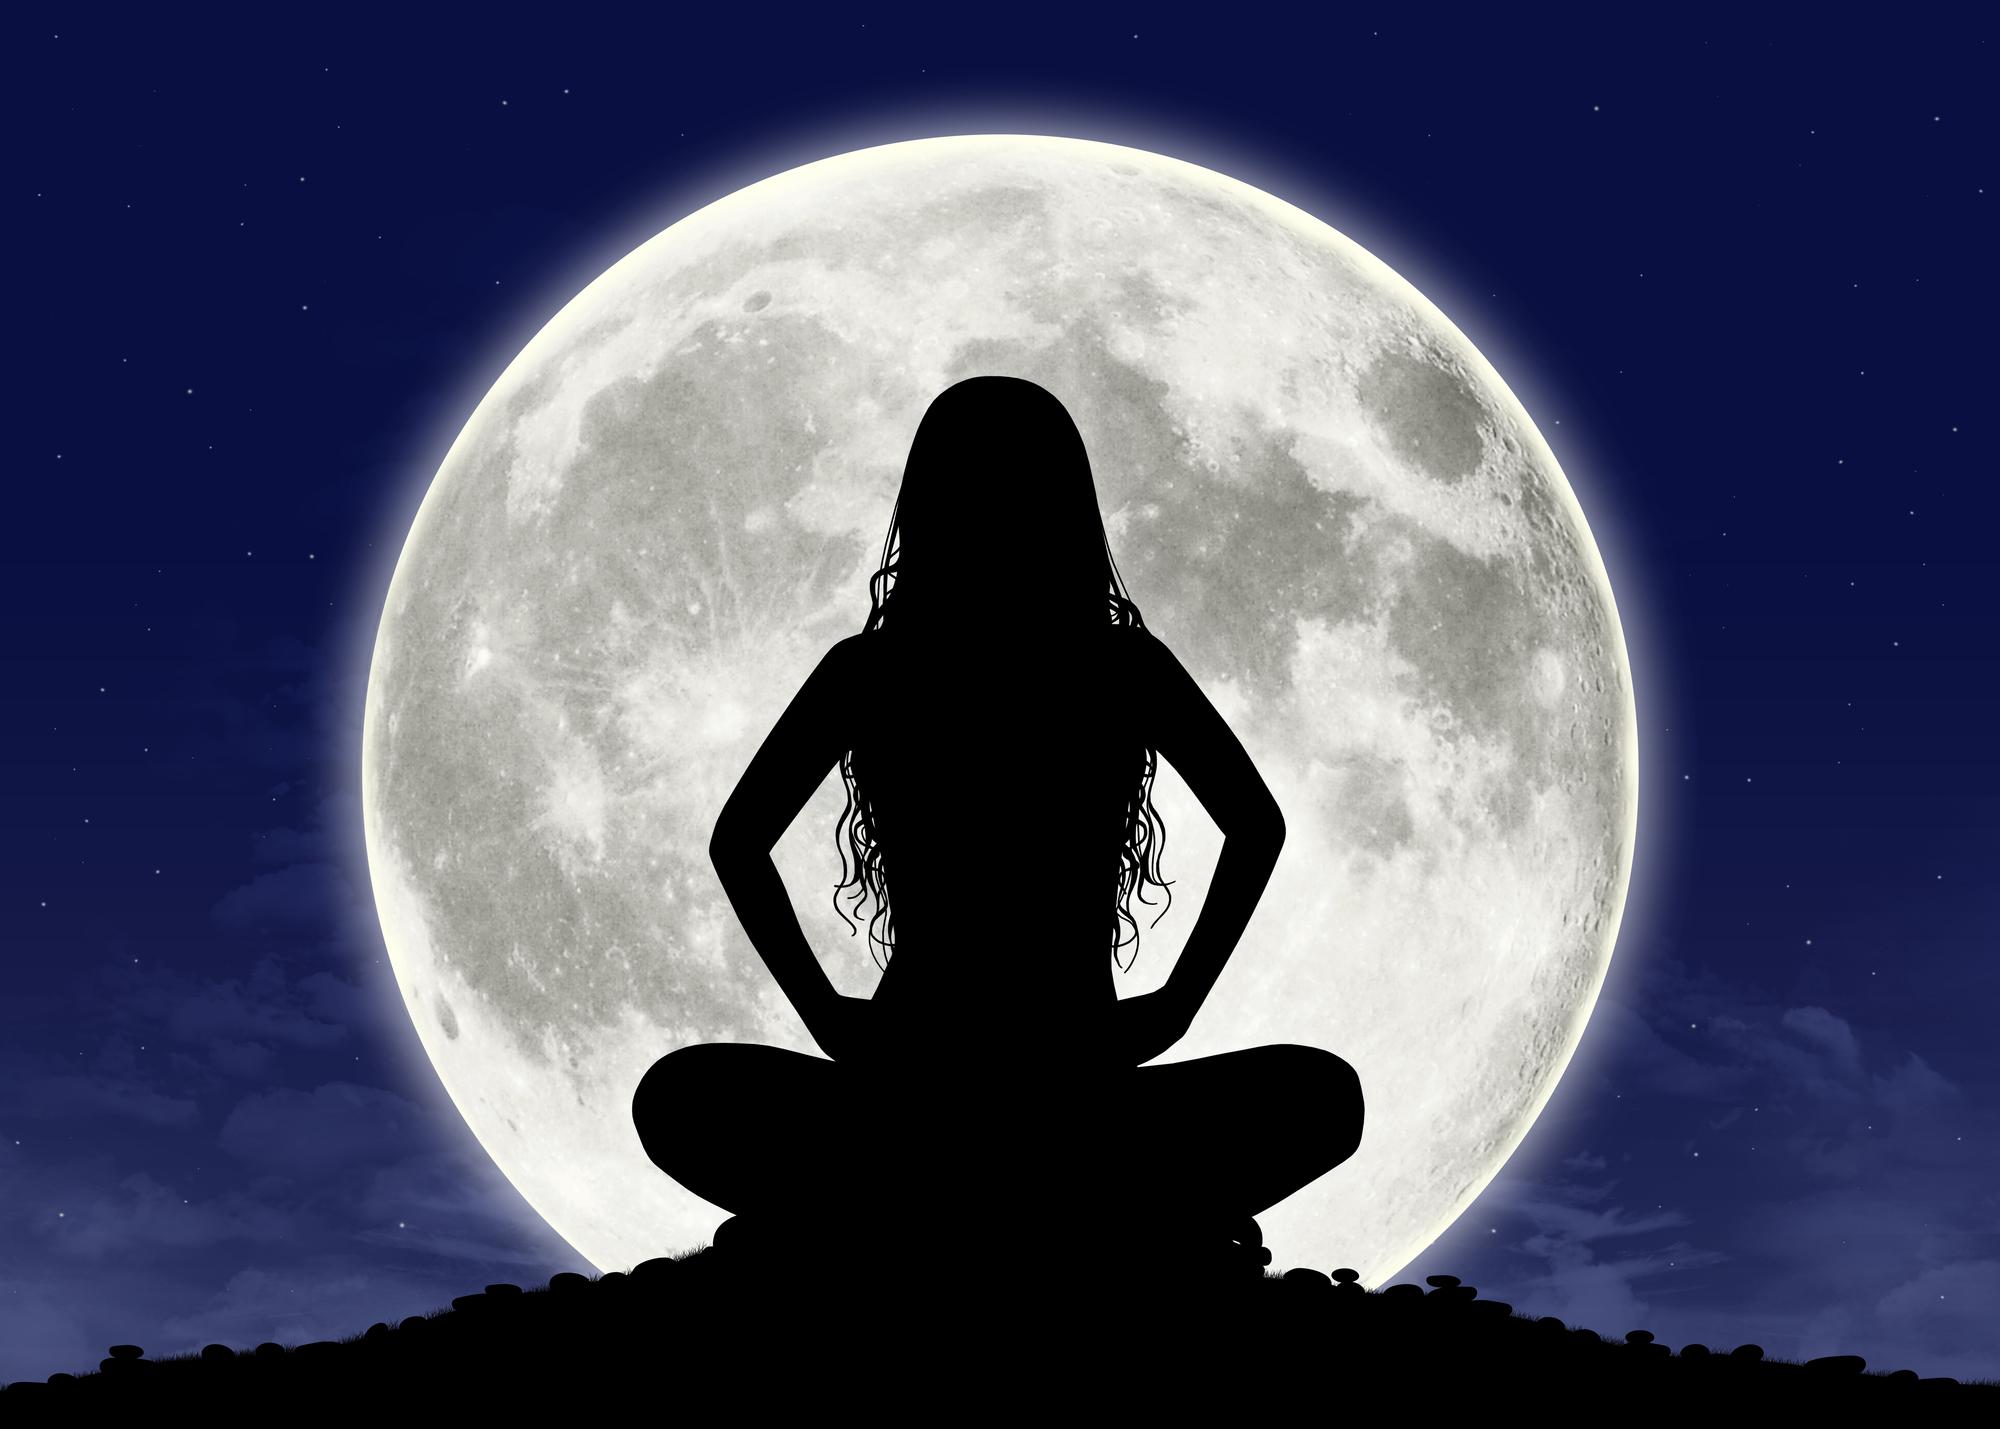 Лунный календарь на июль 2019: когда новолуние и полнолуние